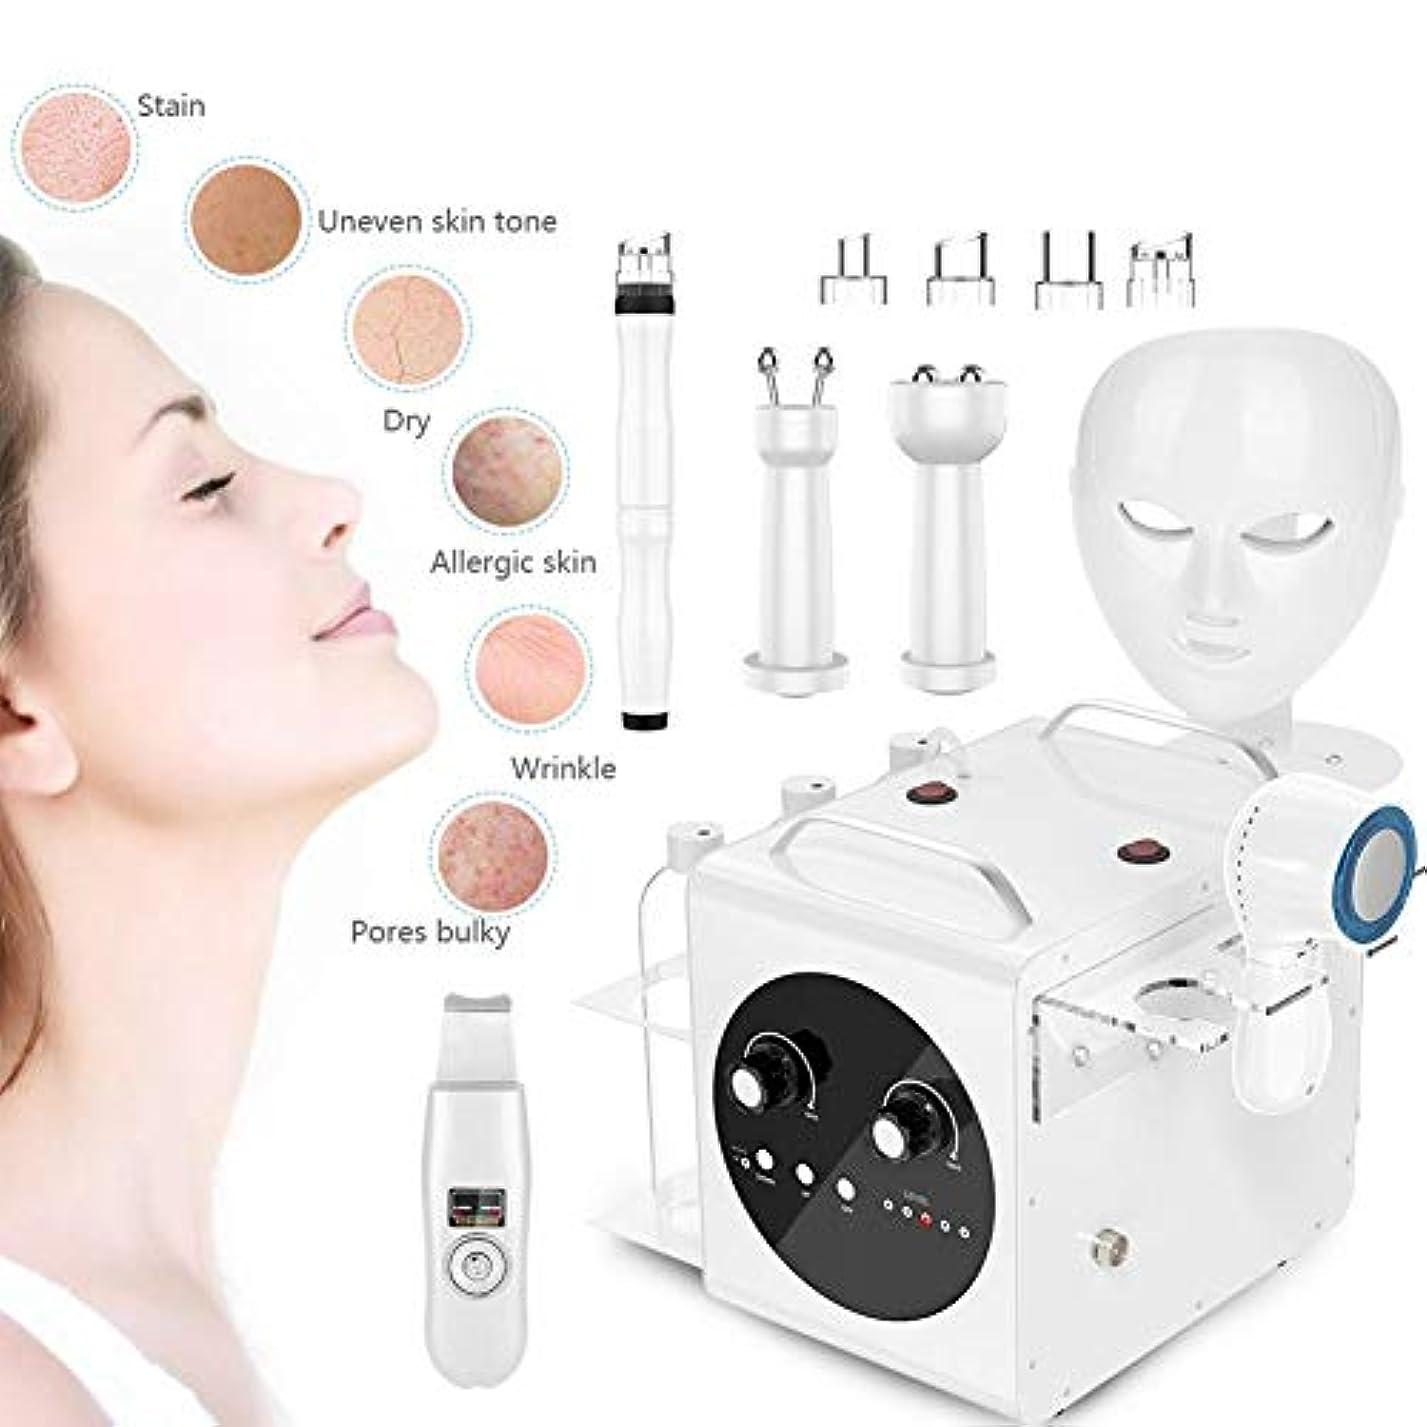 バケツ削除する例外7に1つの酸素ジェット顔の肌の引き締めケアに黒ずみの除去、肌の引き締め、美白、肌の若返り、ホームサロンの使用のための超音波真空RFマシン(110-240v)